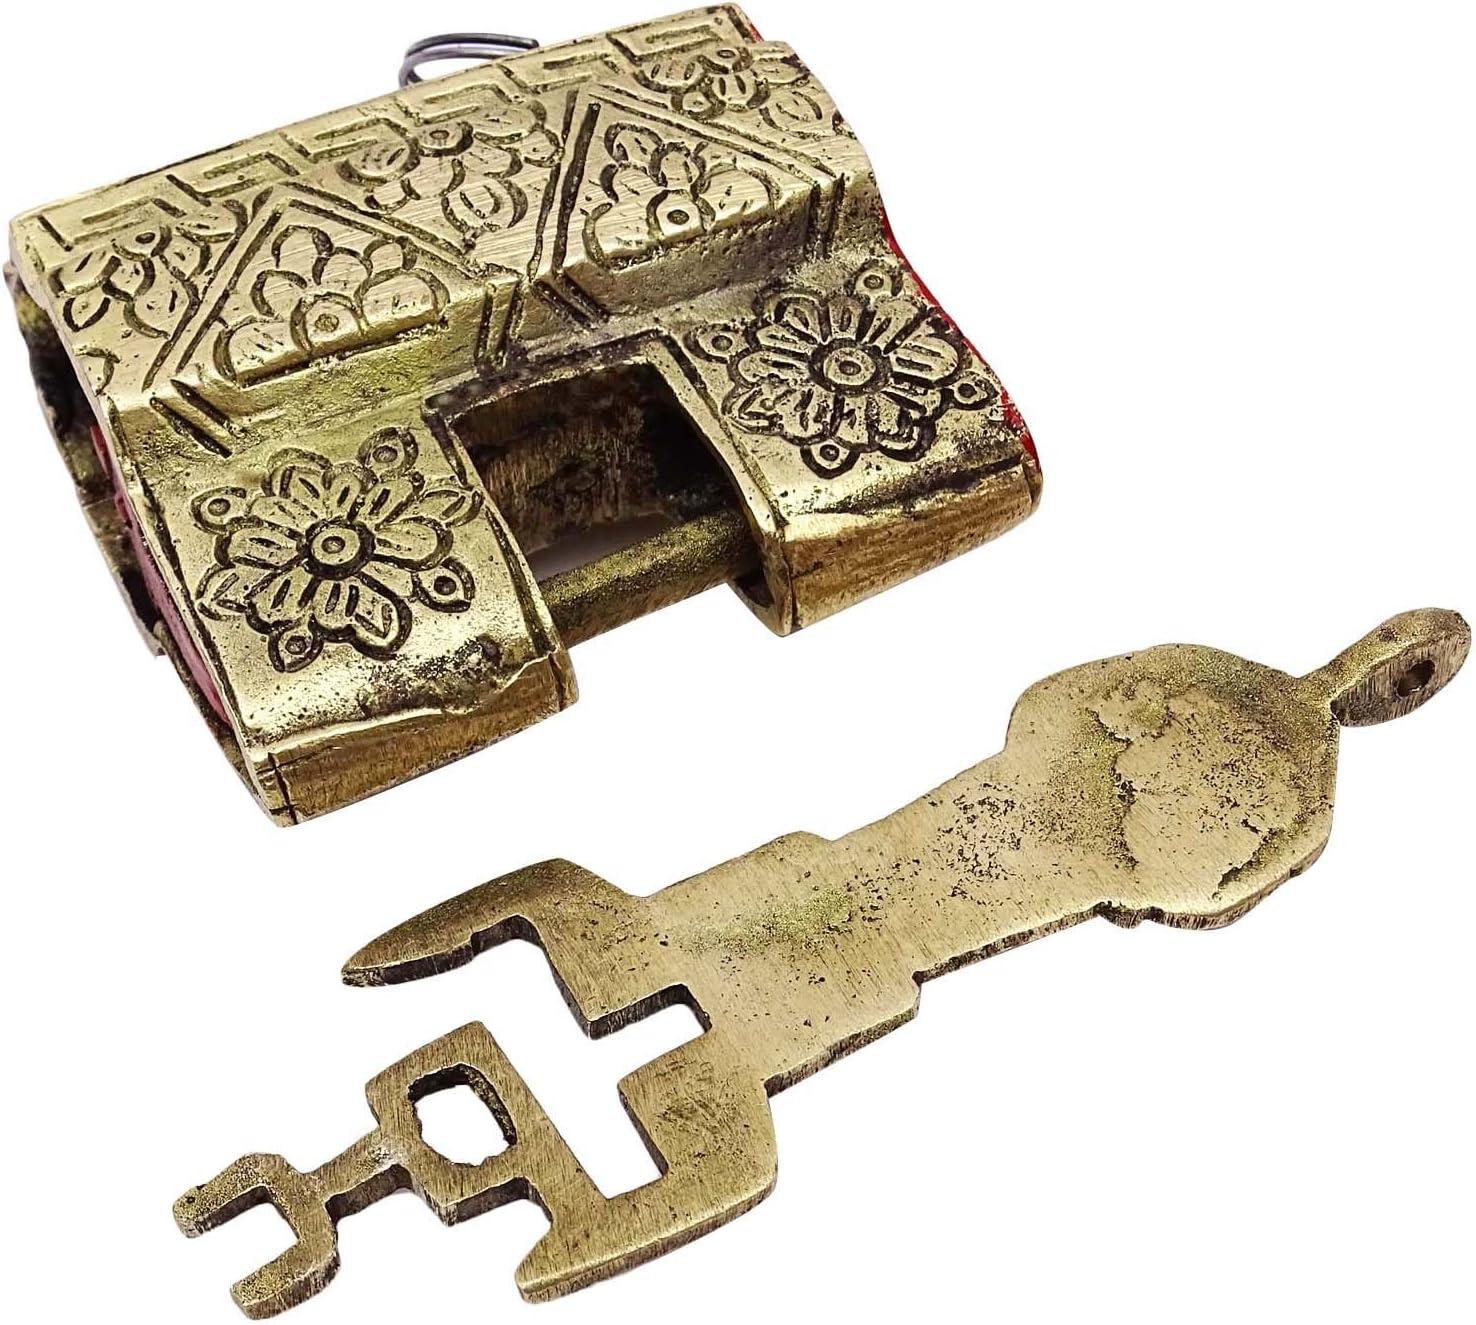 Decorativo antico lucchetto metallico dorato intagliato indiano Home Decor Key Lock Metallic Gold Tone